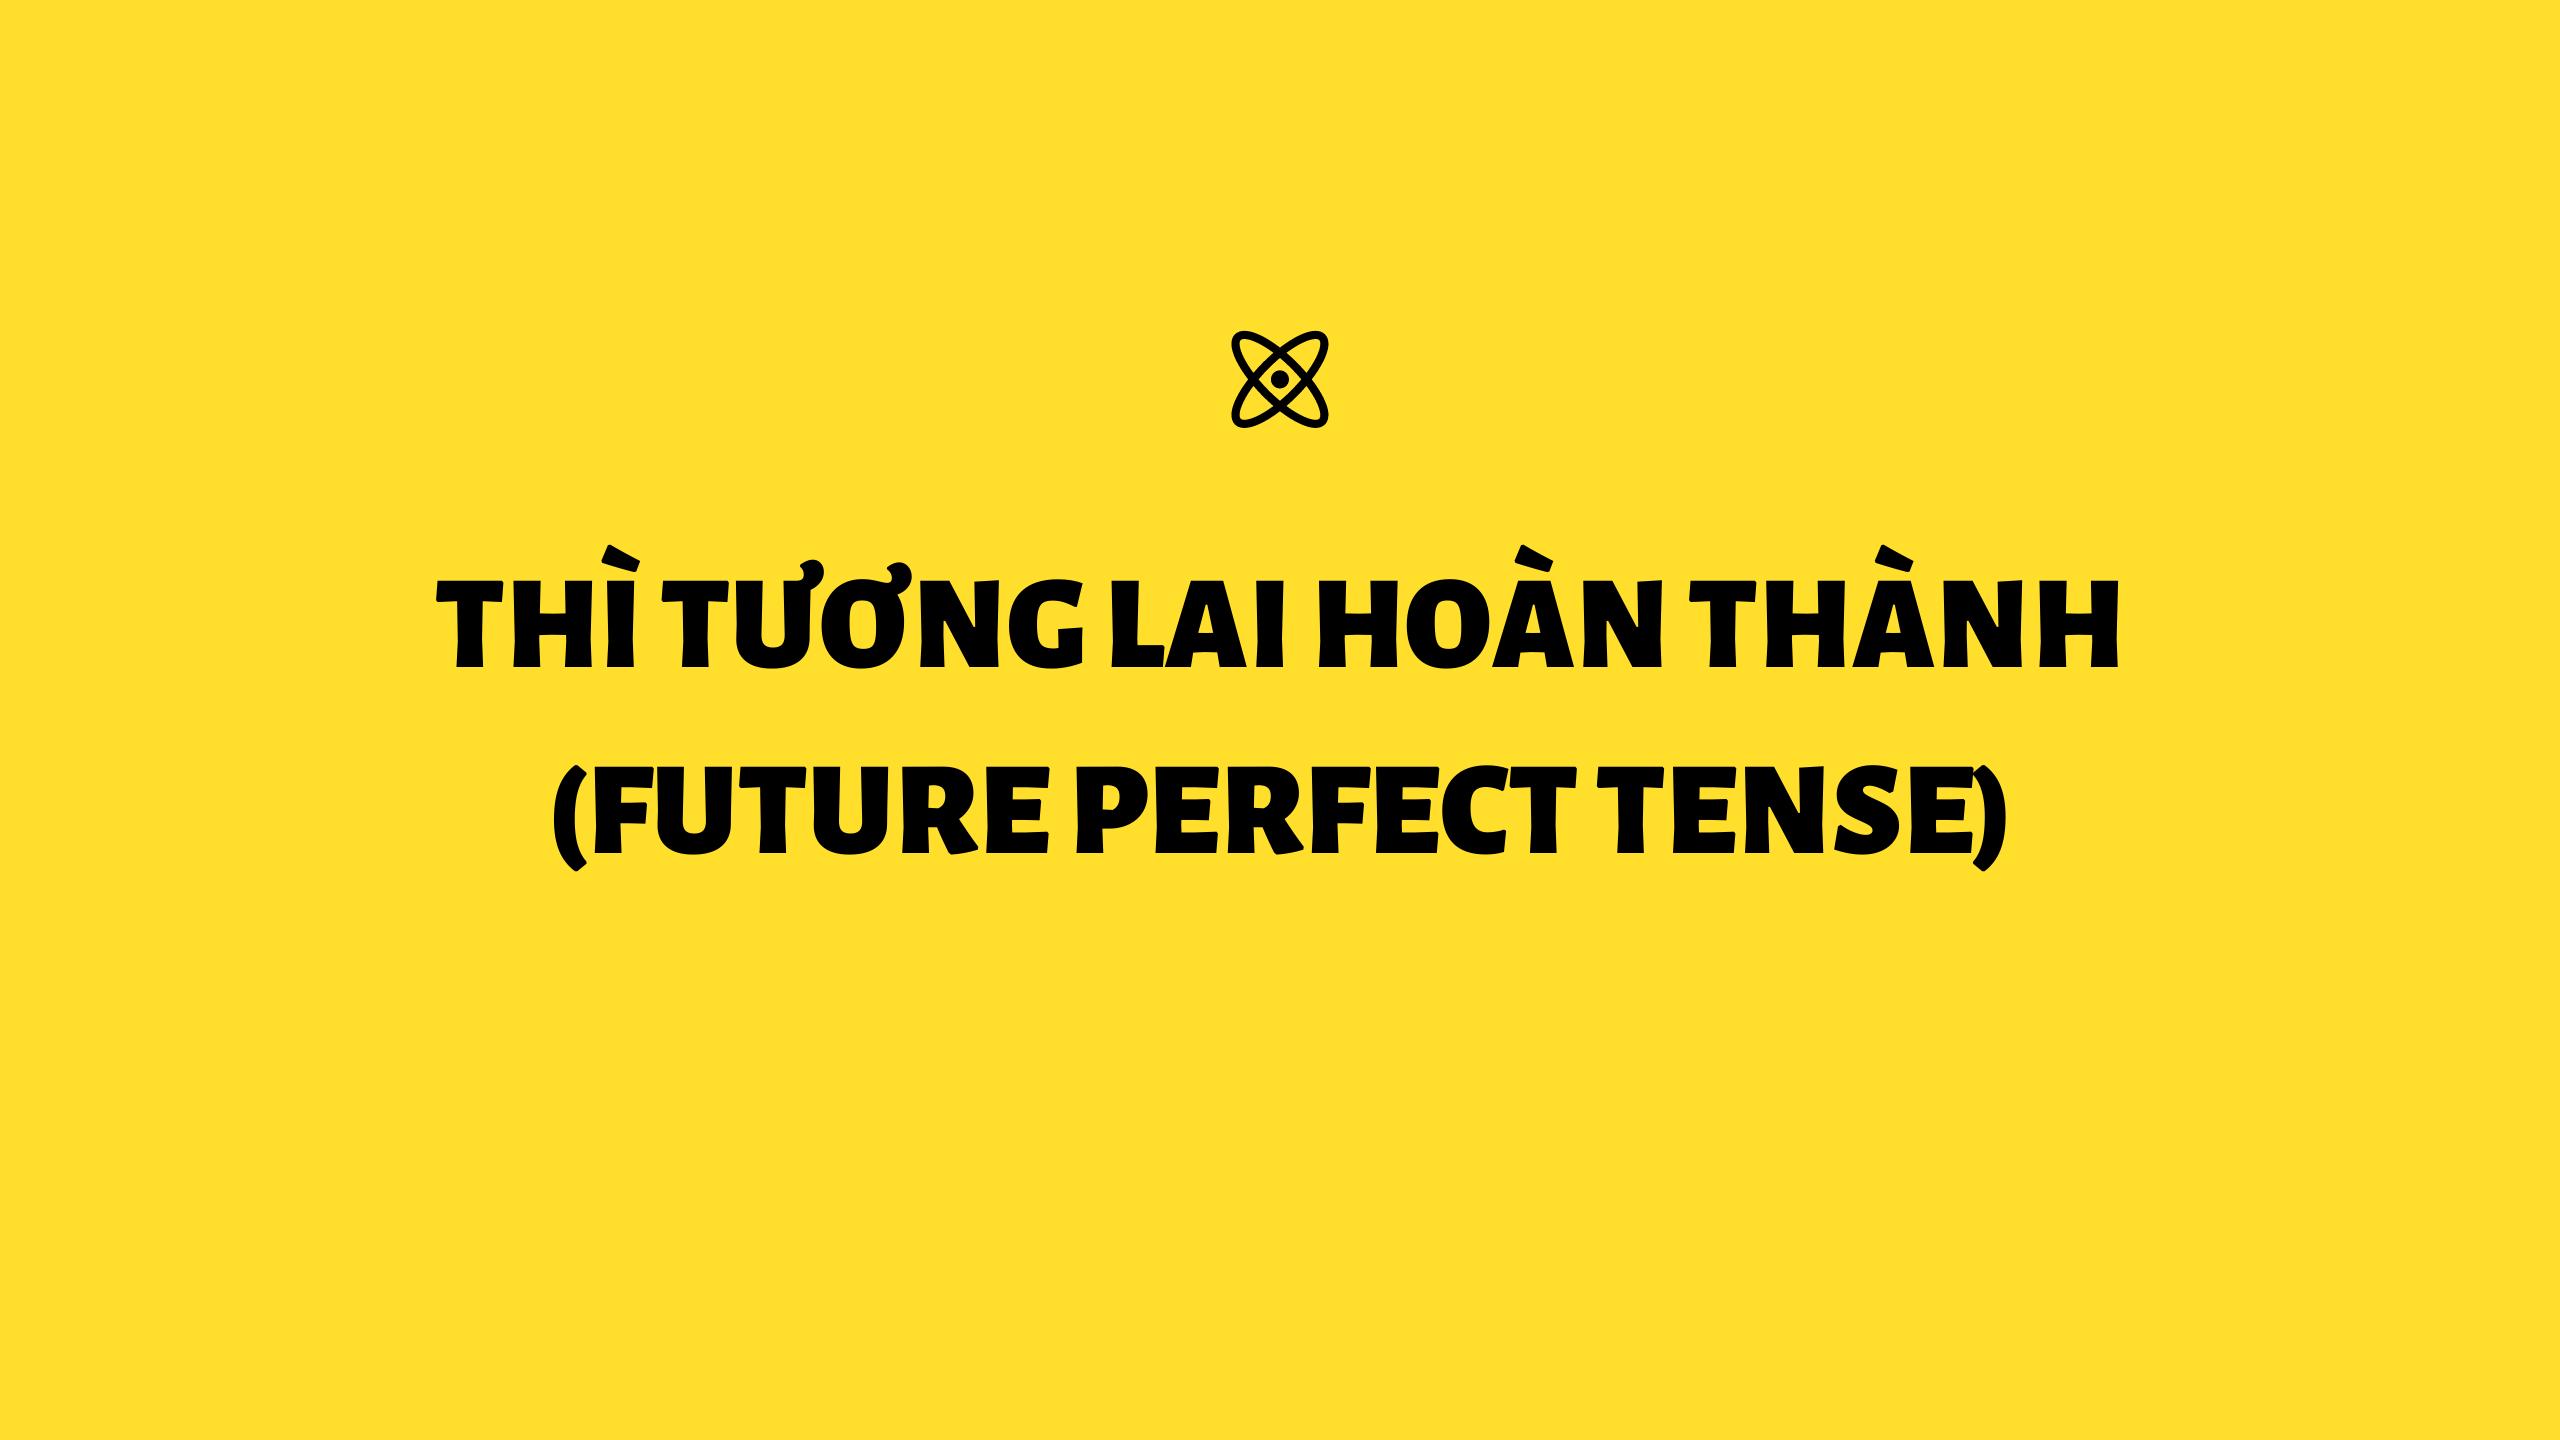 Thì Tương lai hoàn thành (Future perfect tense) trong tiếng Anh